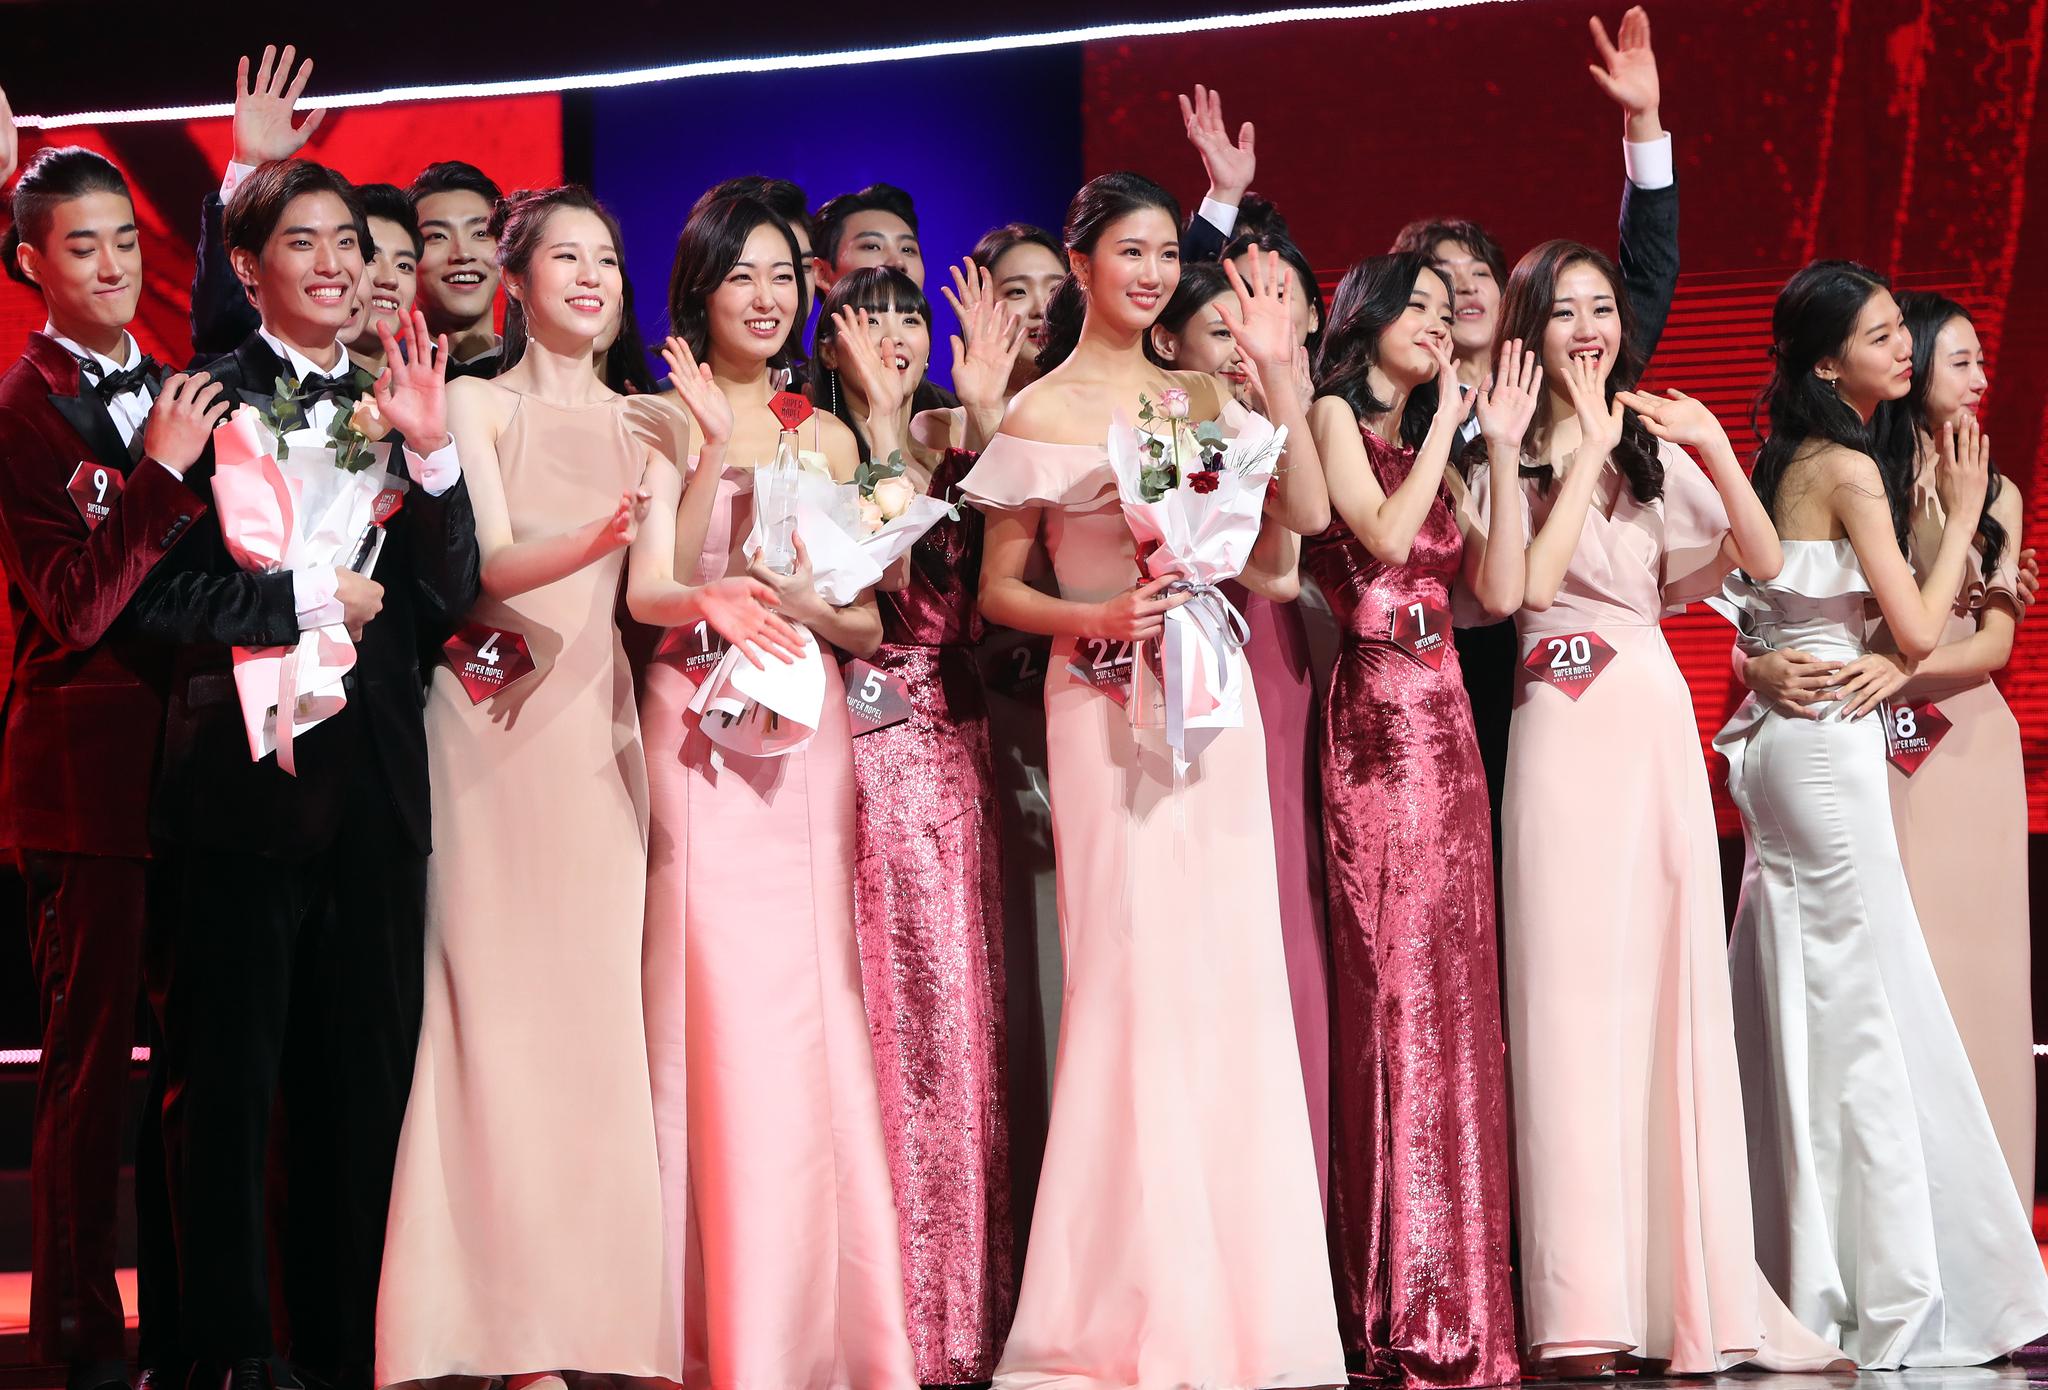 18일 오후 경북 경주시 예술의 전당에서 열린 SBS미디어넷 '2019 슈퍼모델 선발대회'에서 대회 참가자들이 관중석을 향해 손을 흔들고 있다. [연합뉴스]